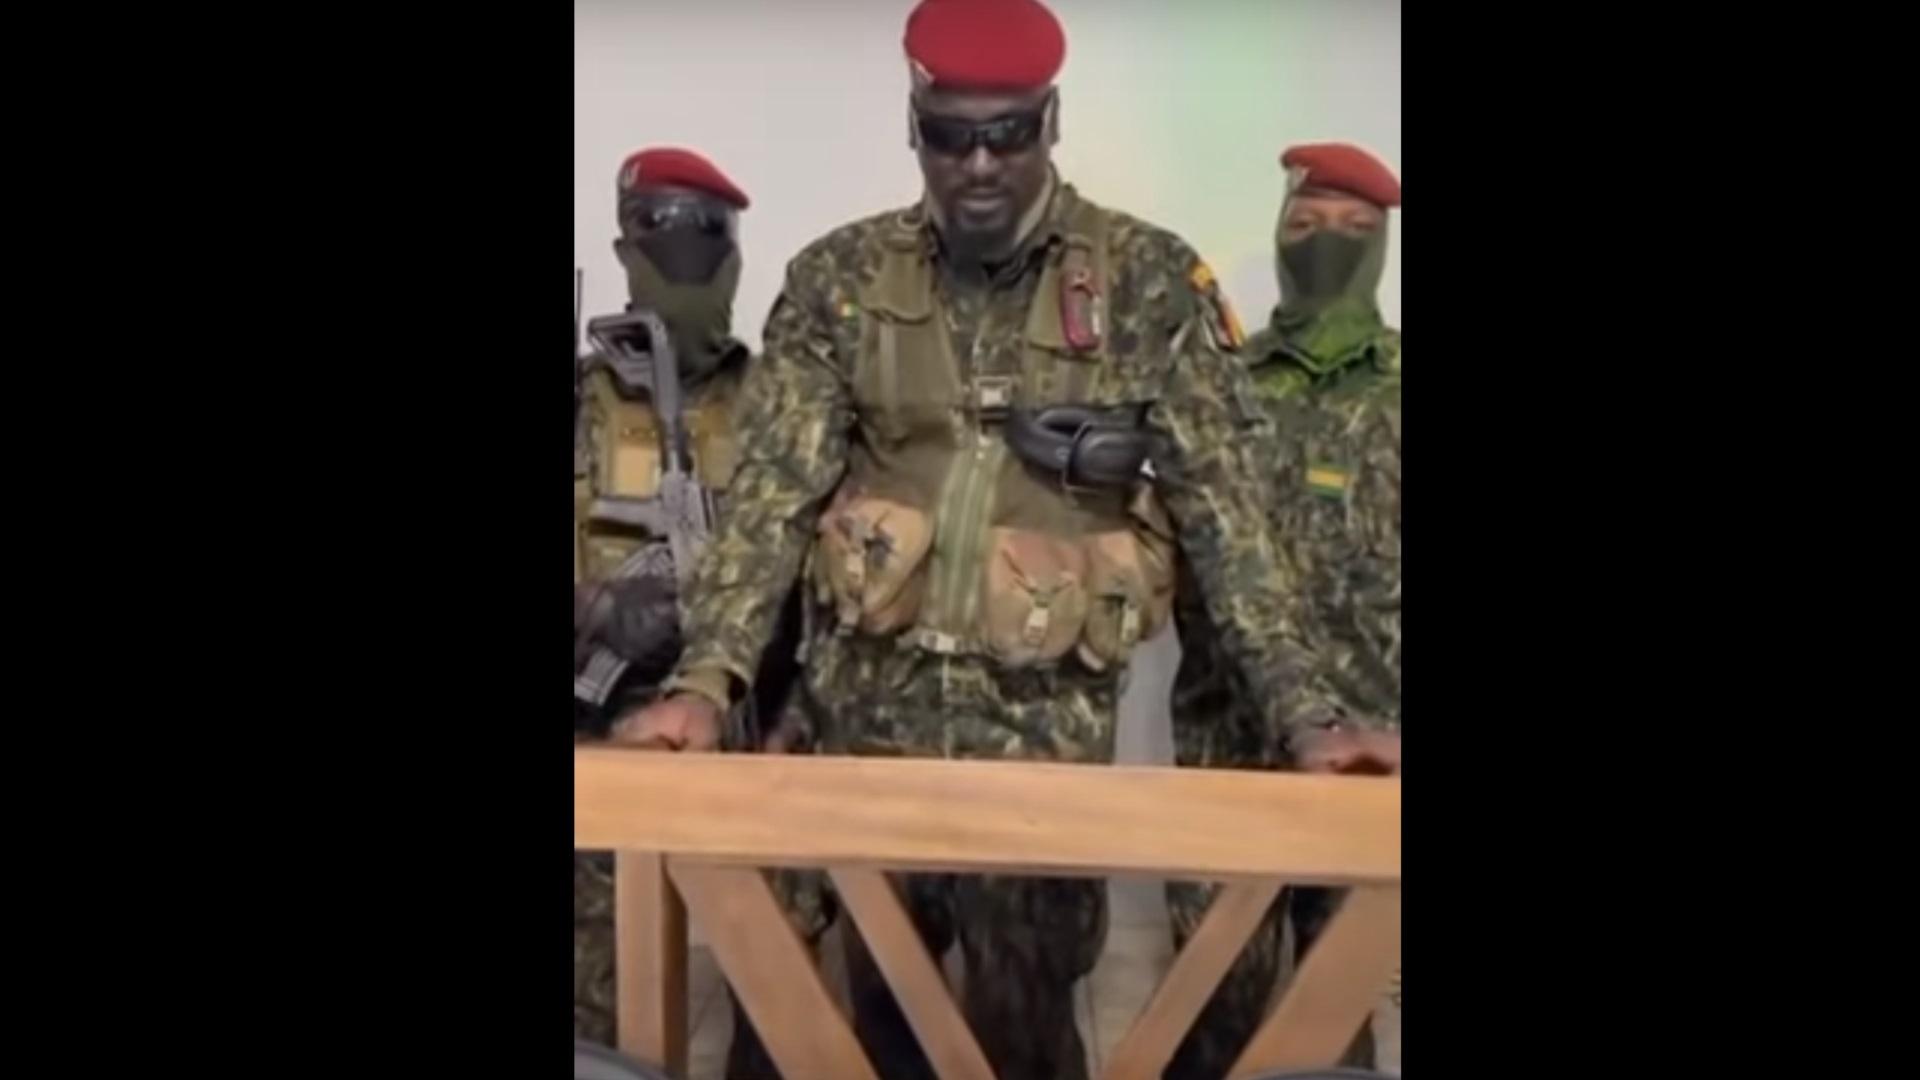 Γουινέα: Μυστήριο με απόπειρα πραξικοπήματος – Τι λέει το υπουργείο Άμυνας